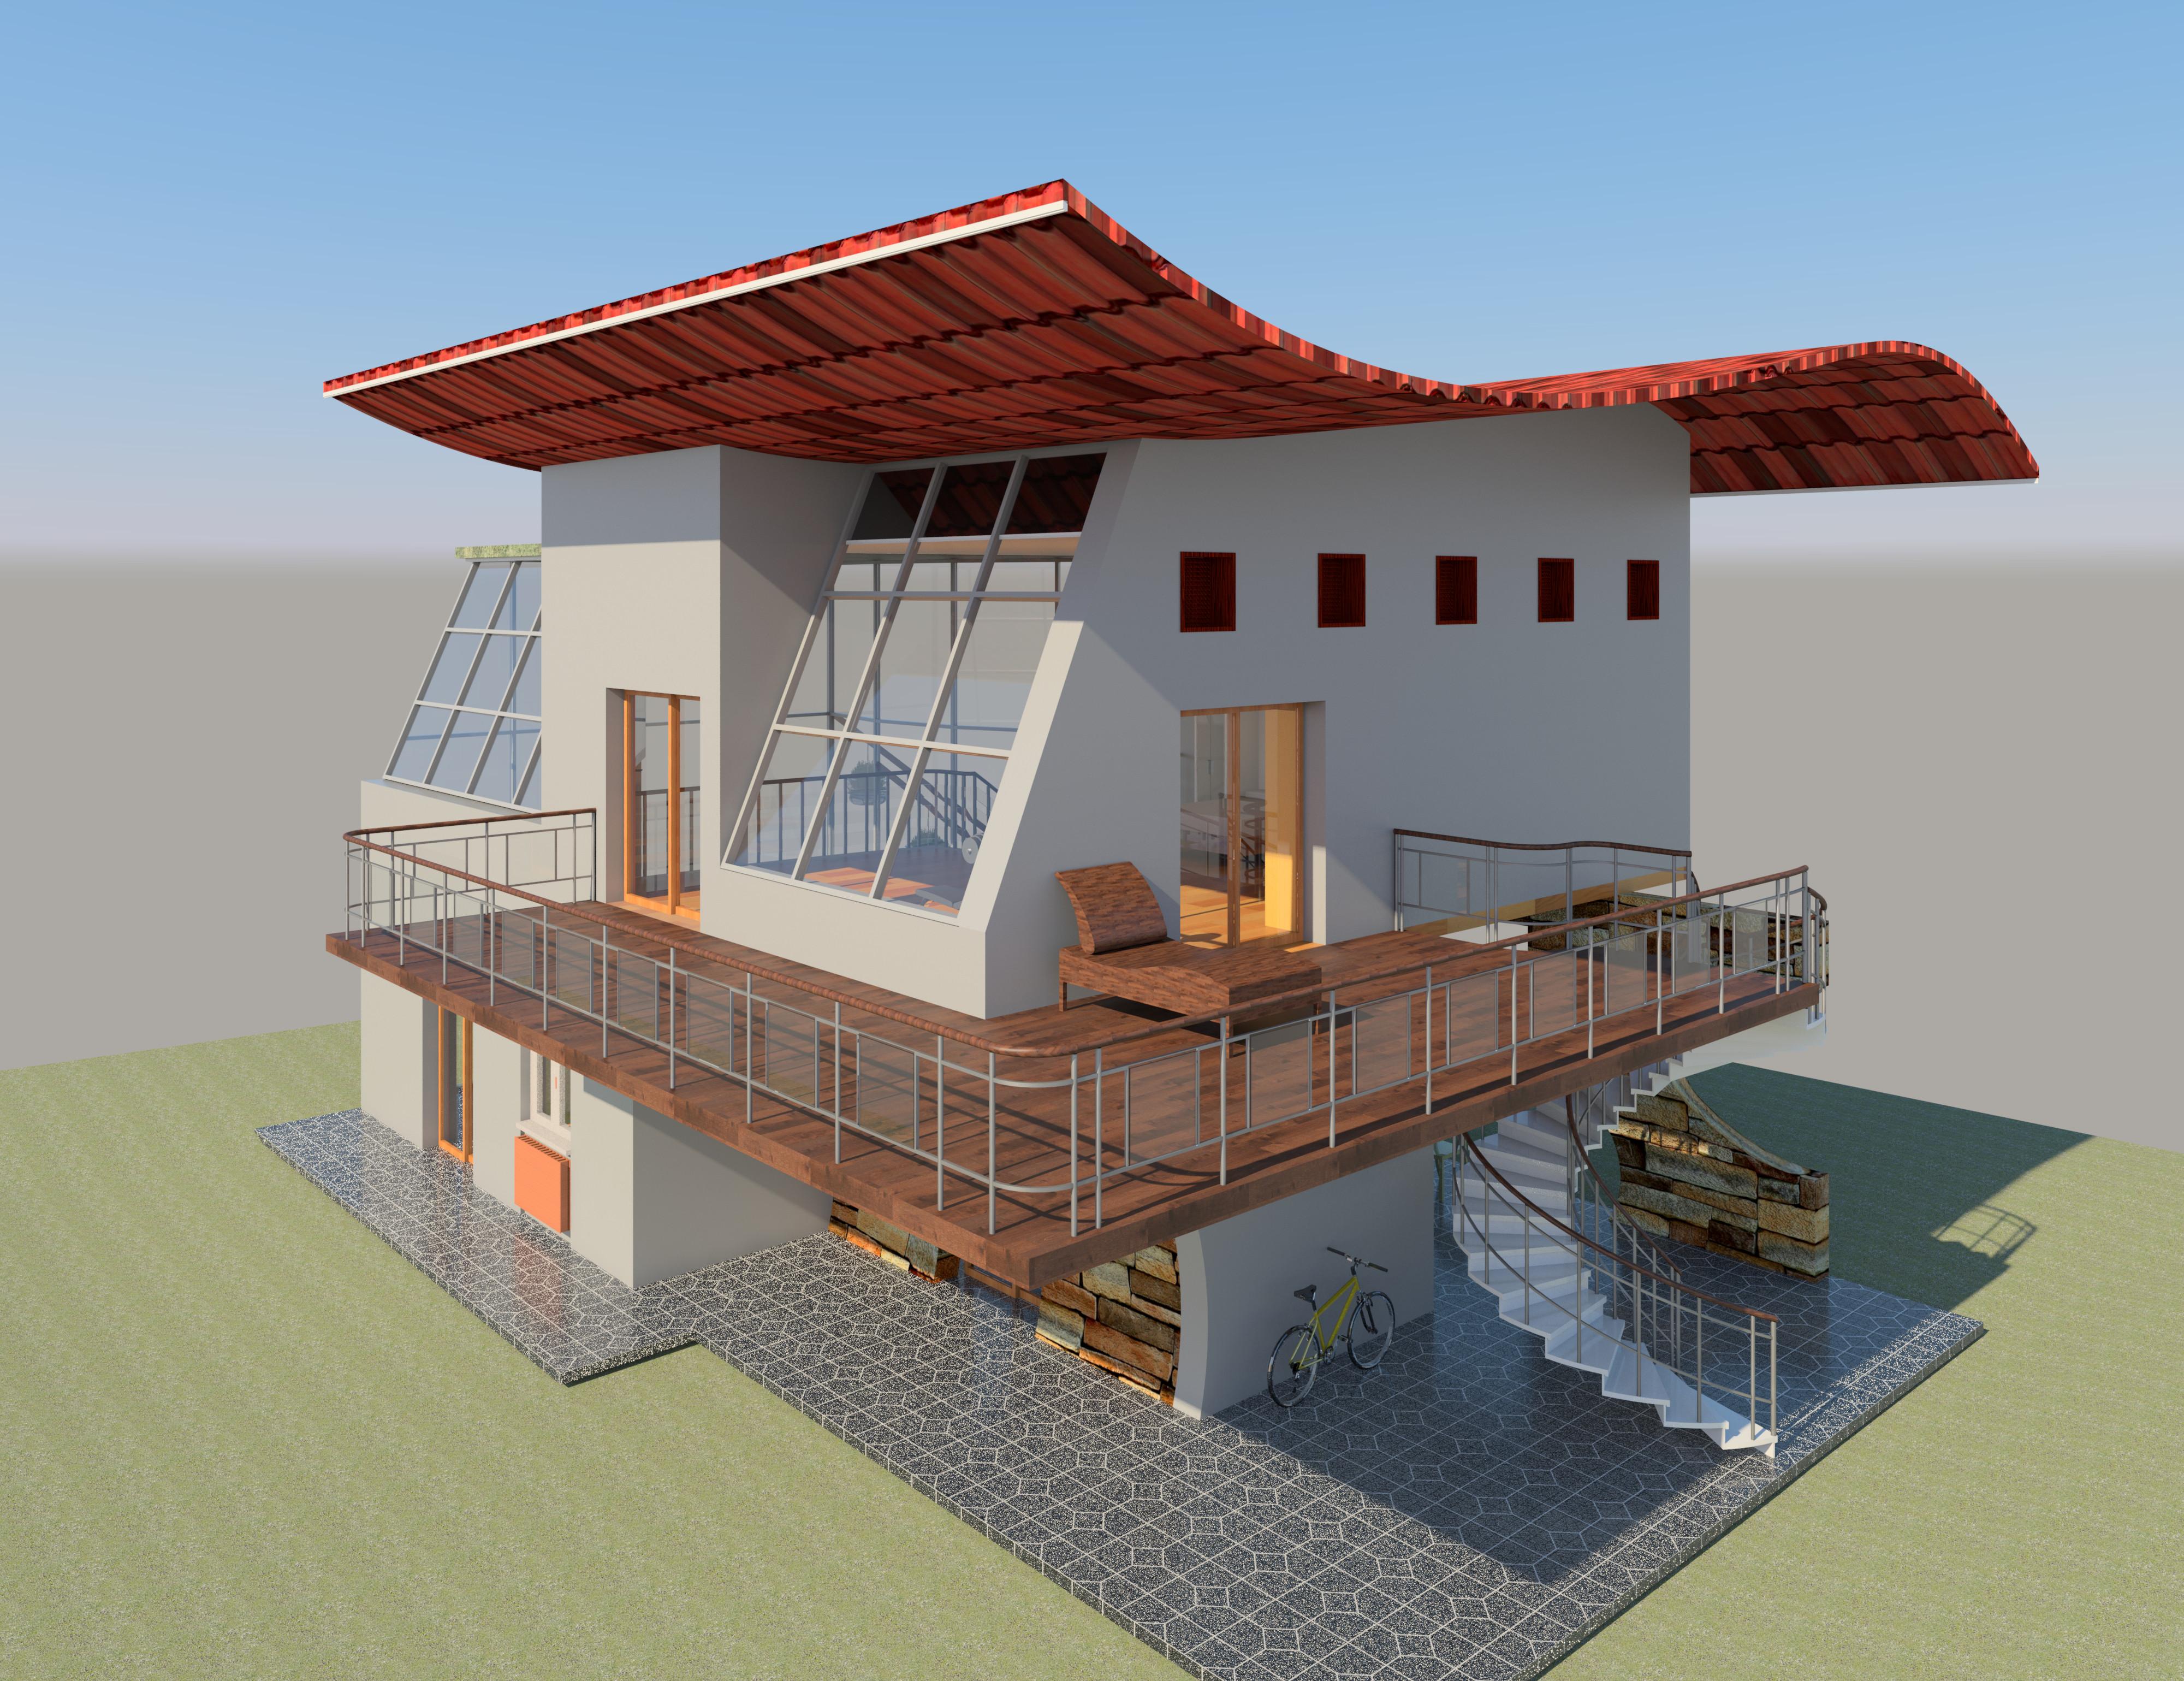 dwg villa house design revit. Black Bedroom Furniture Sets. Home Design Ideas